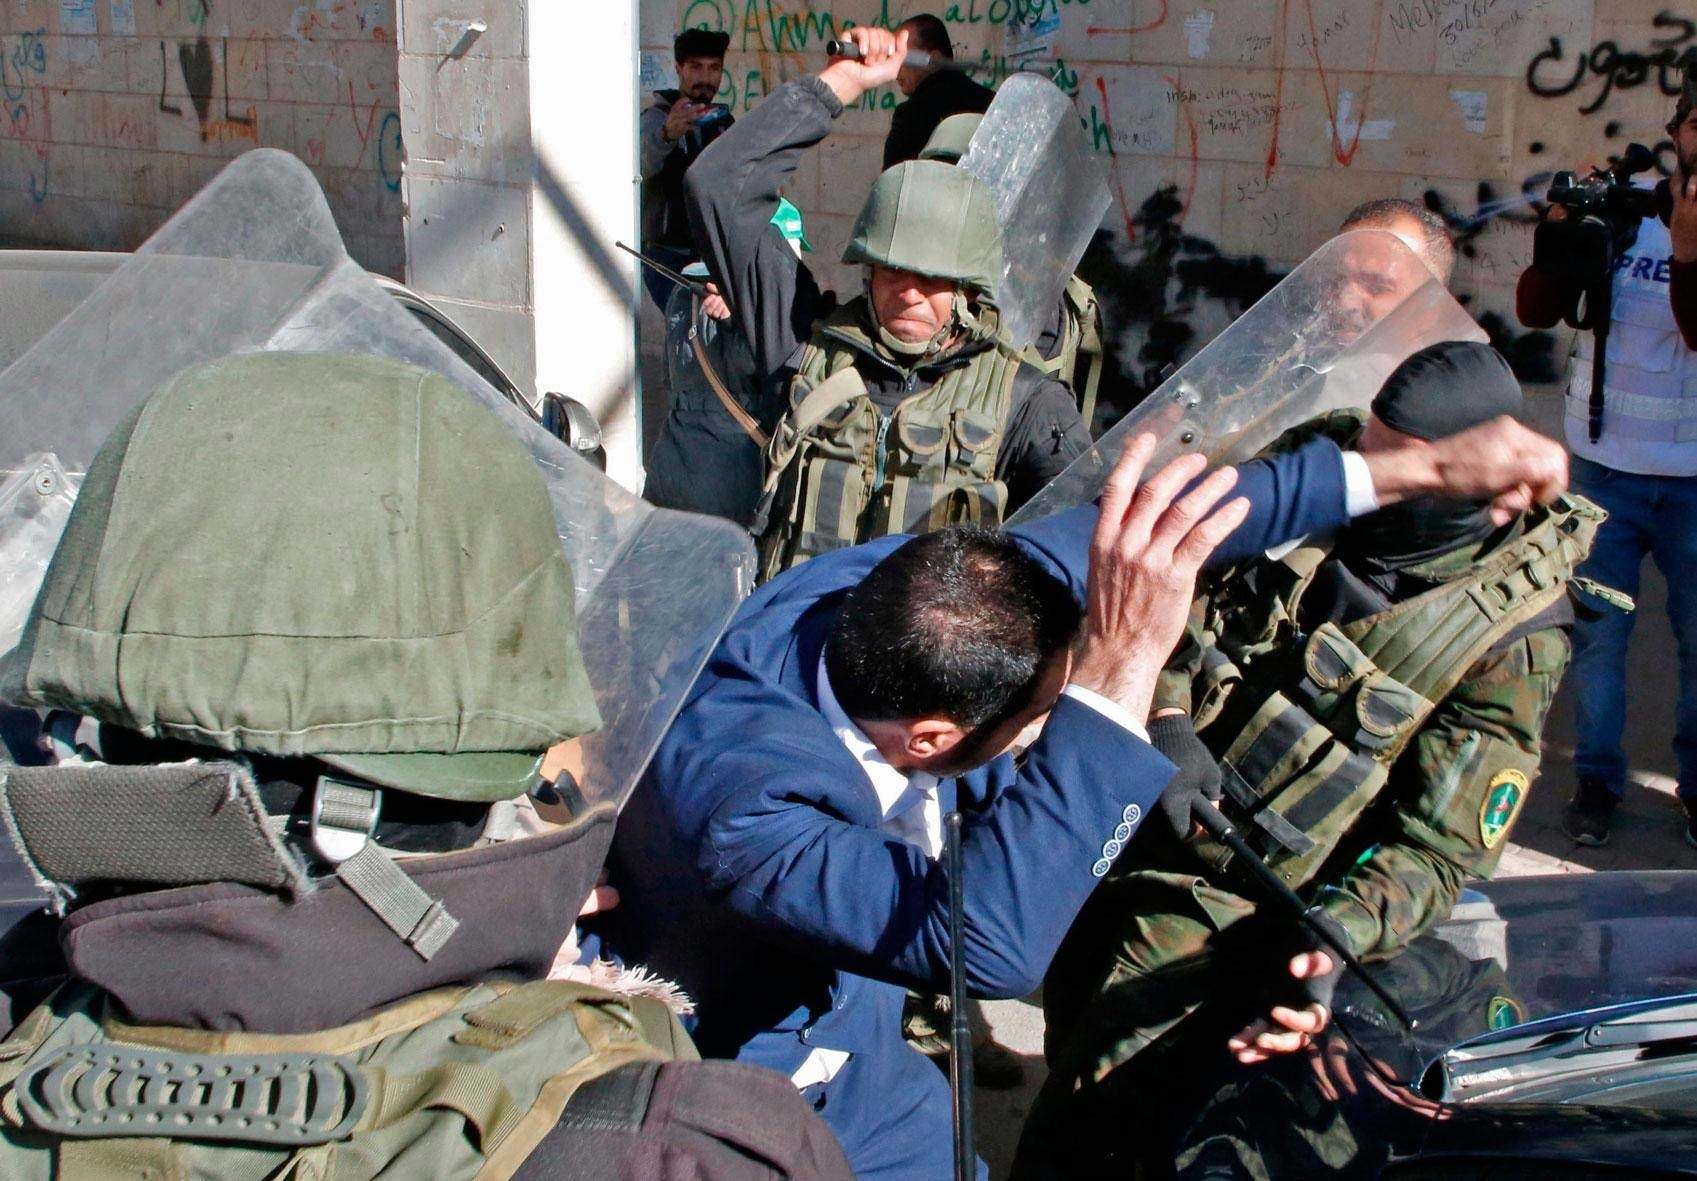 الاحتلال الإسرائيلي يحاول السيطرة على المنطقة الشمالية للمسجد الإبراهيمي